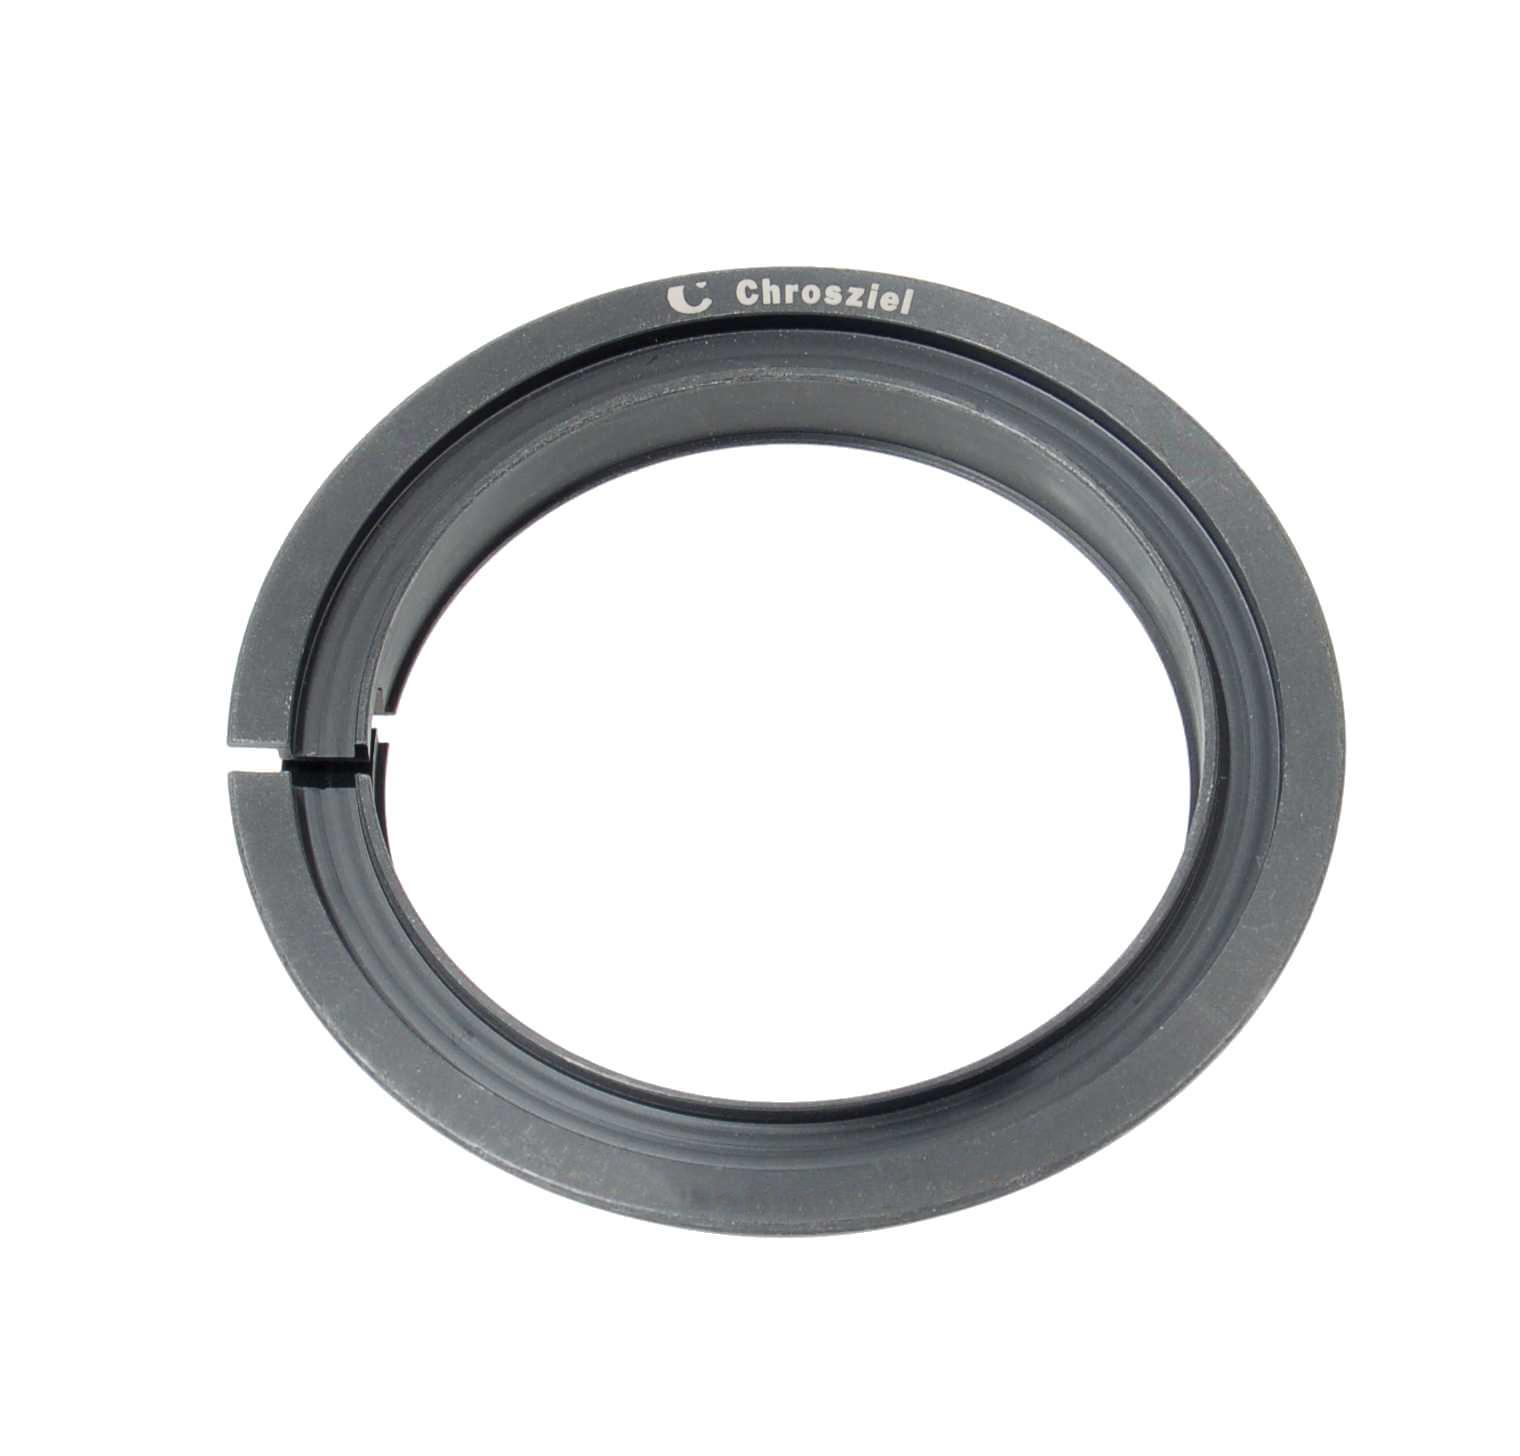 Step-down Ring Ø 104:75mm